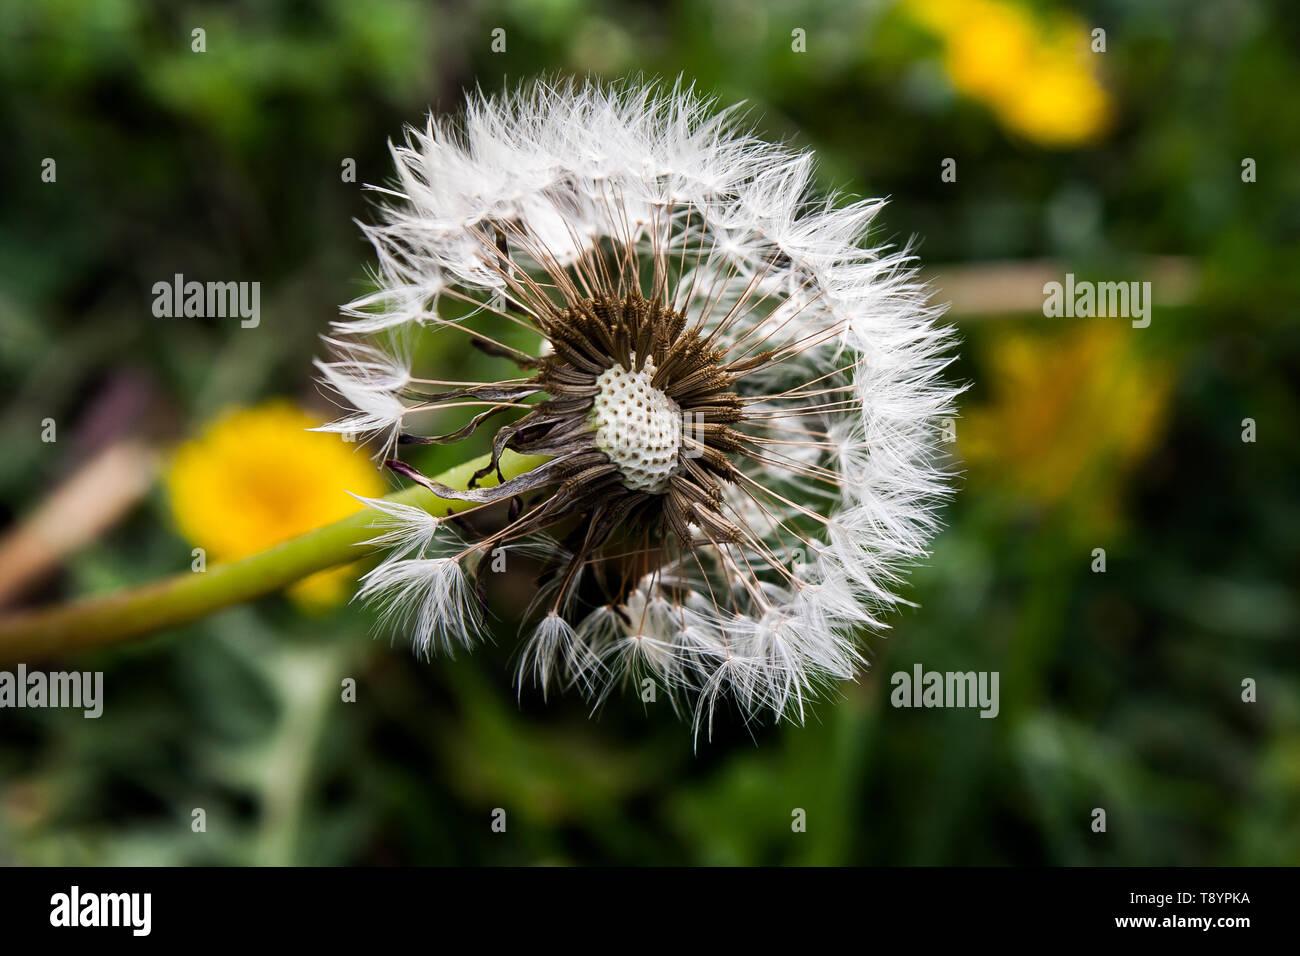 Old Dandelion Fluff - Stock Image